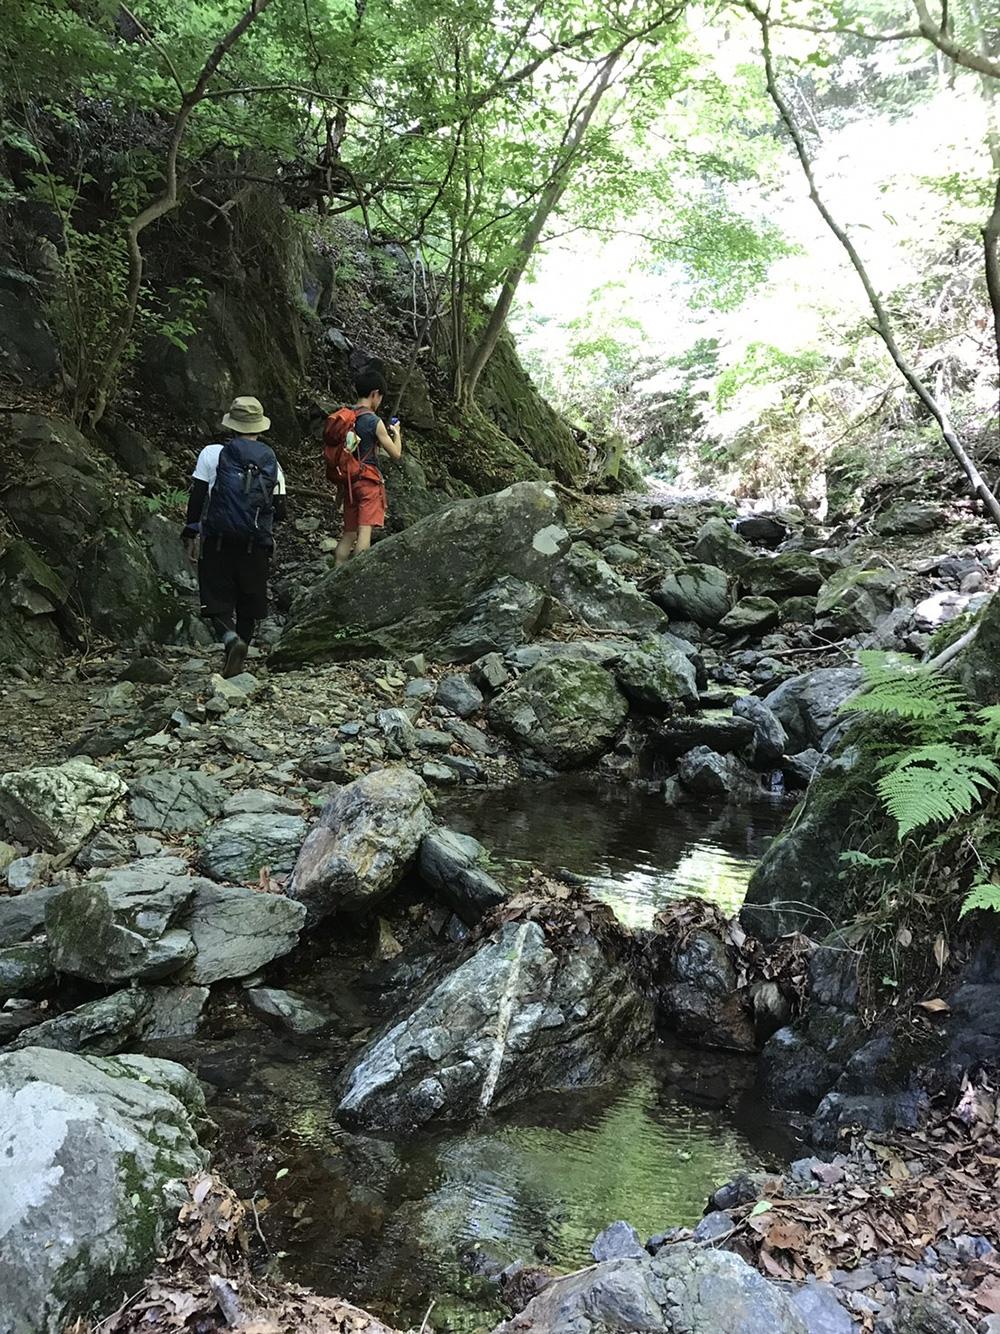 小川 仙人ヶ岳(足利市)動画|栃木のゆる~い登山部 とちぎのしゅし